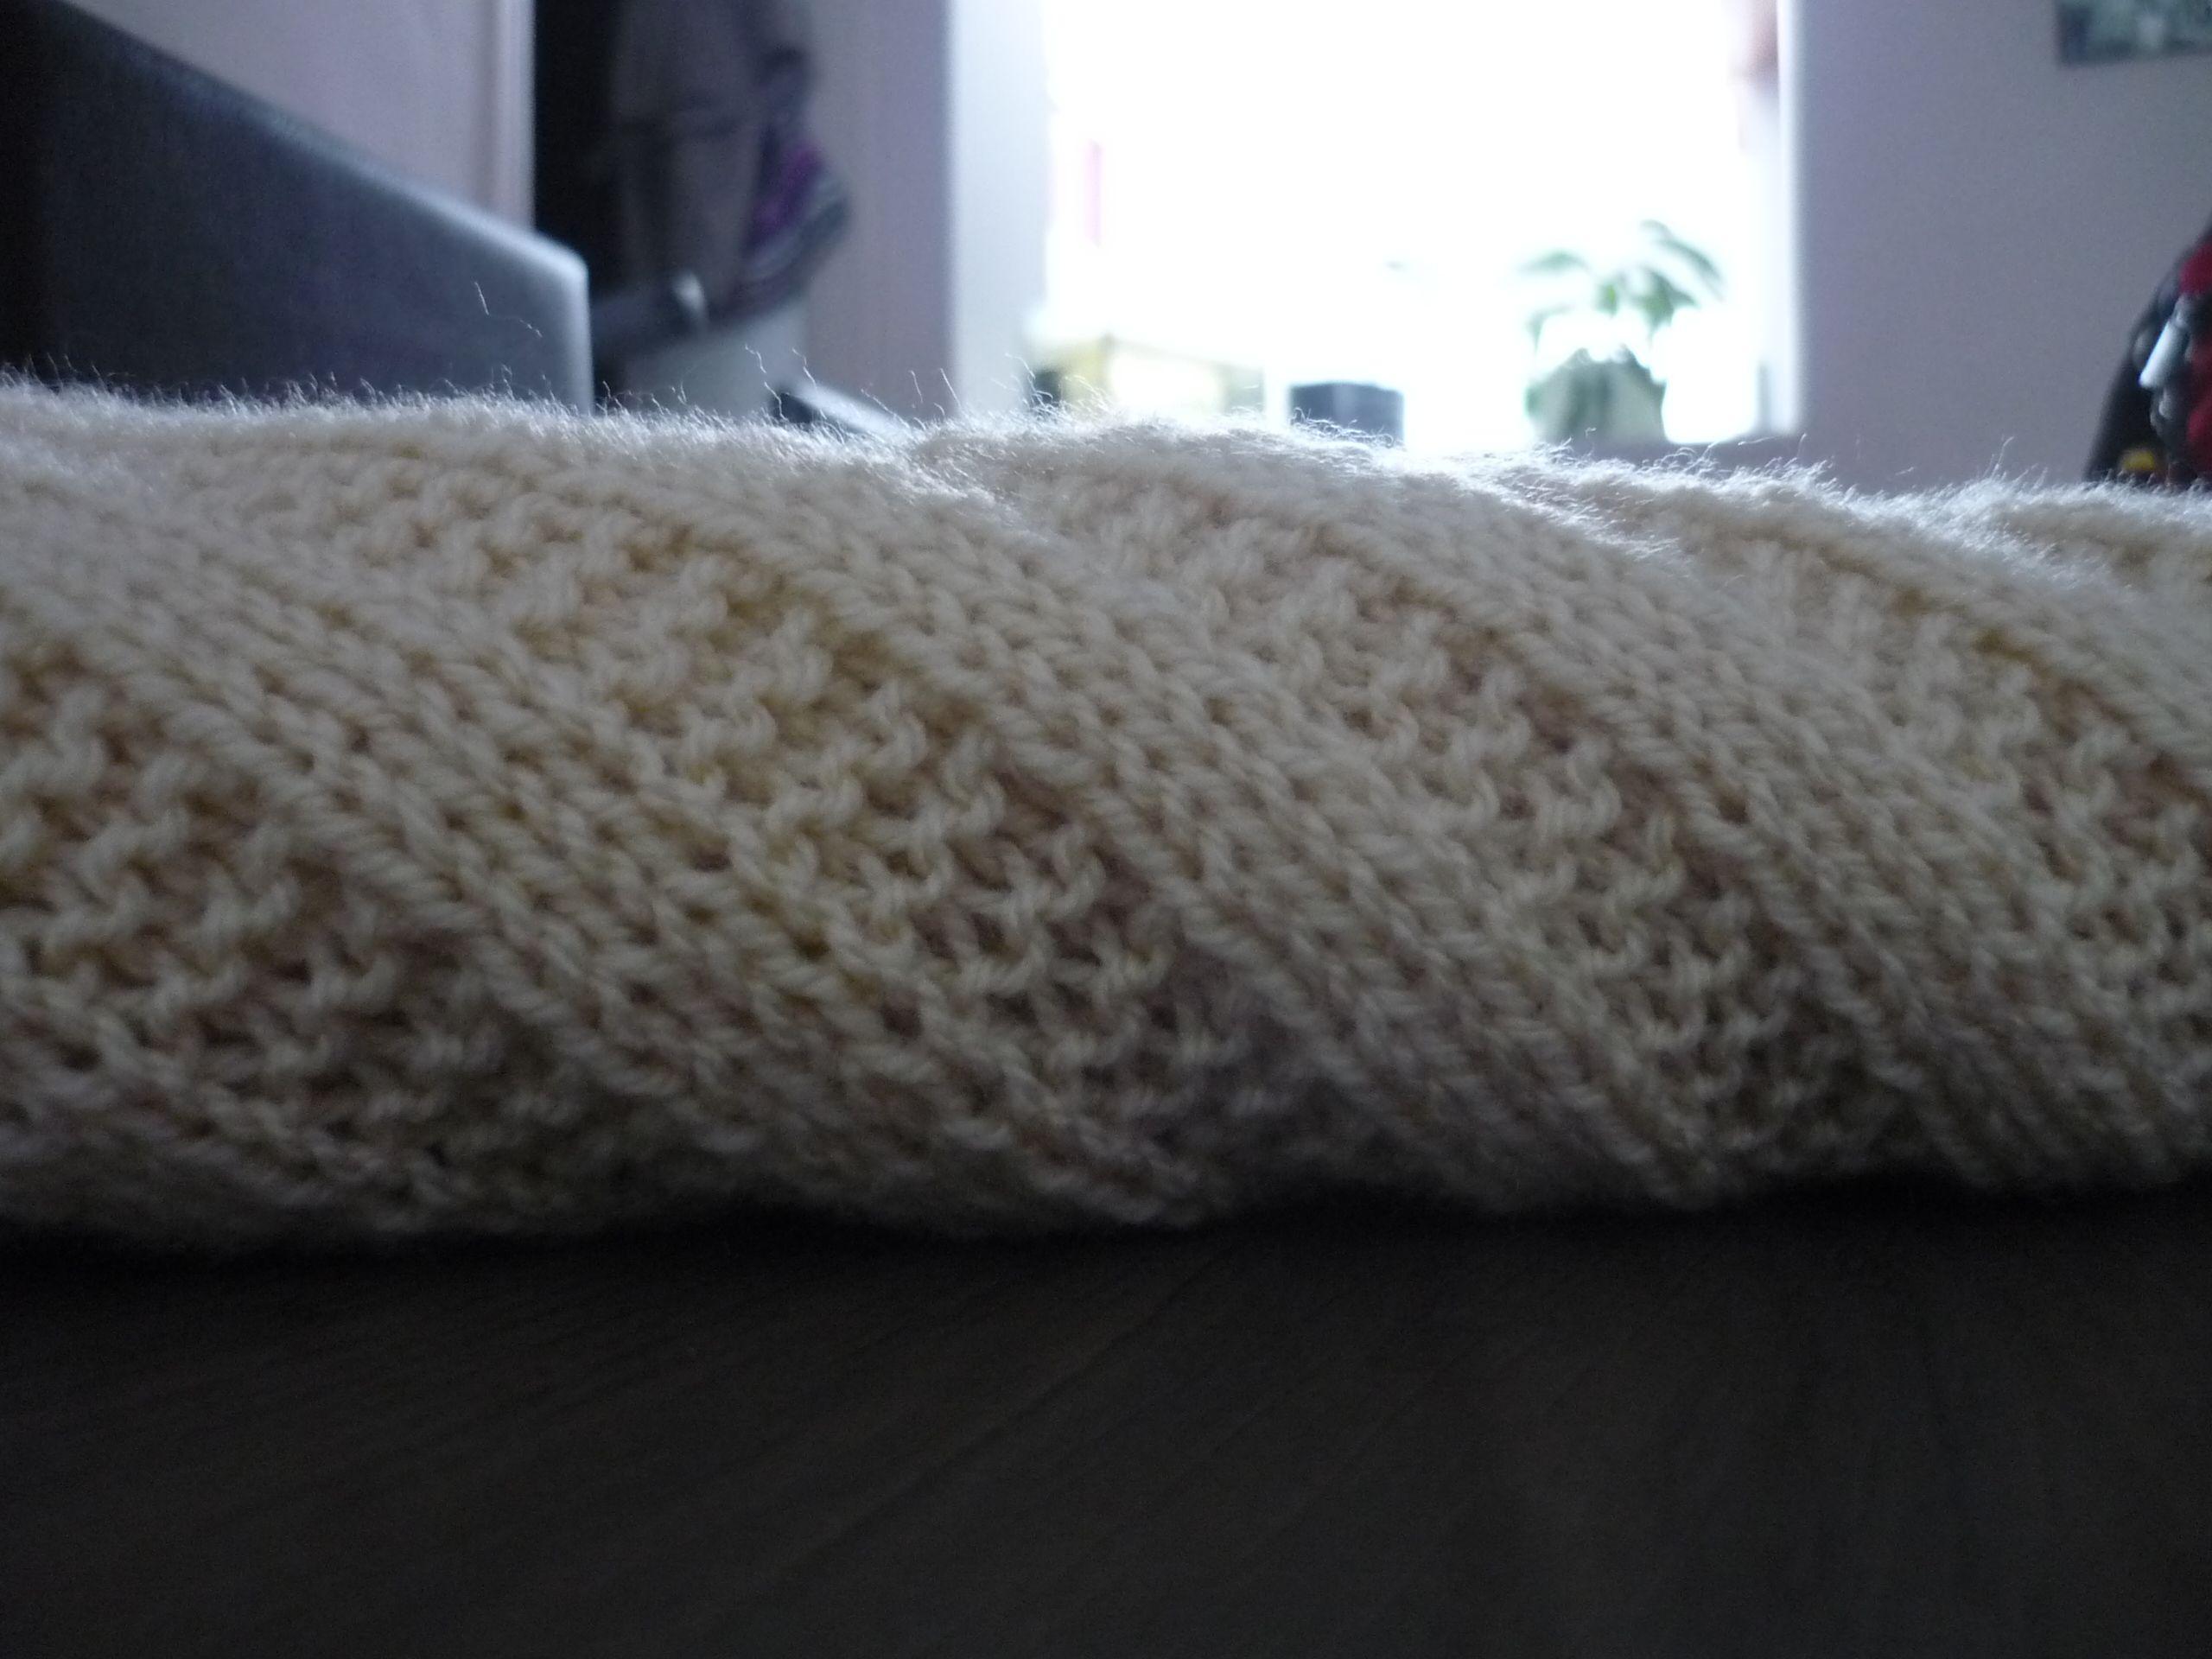 Mod le couverture b b tricot debutant tricot pinterest couverture b b couverture b b - Modele tricot bebe gratuit debutant ...